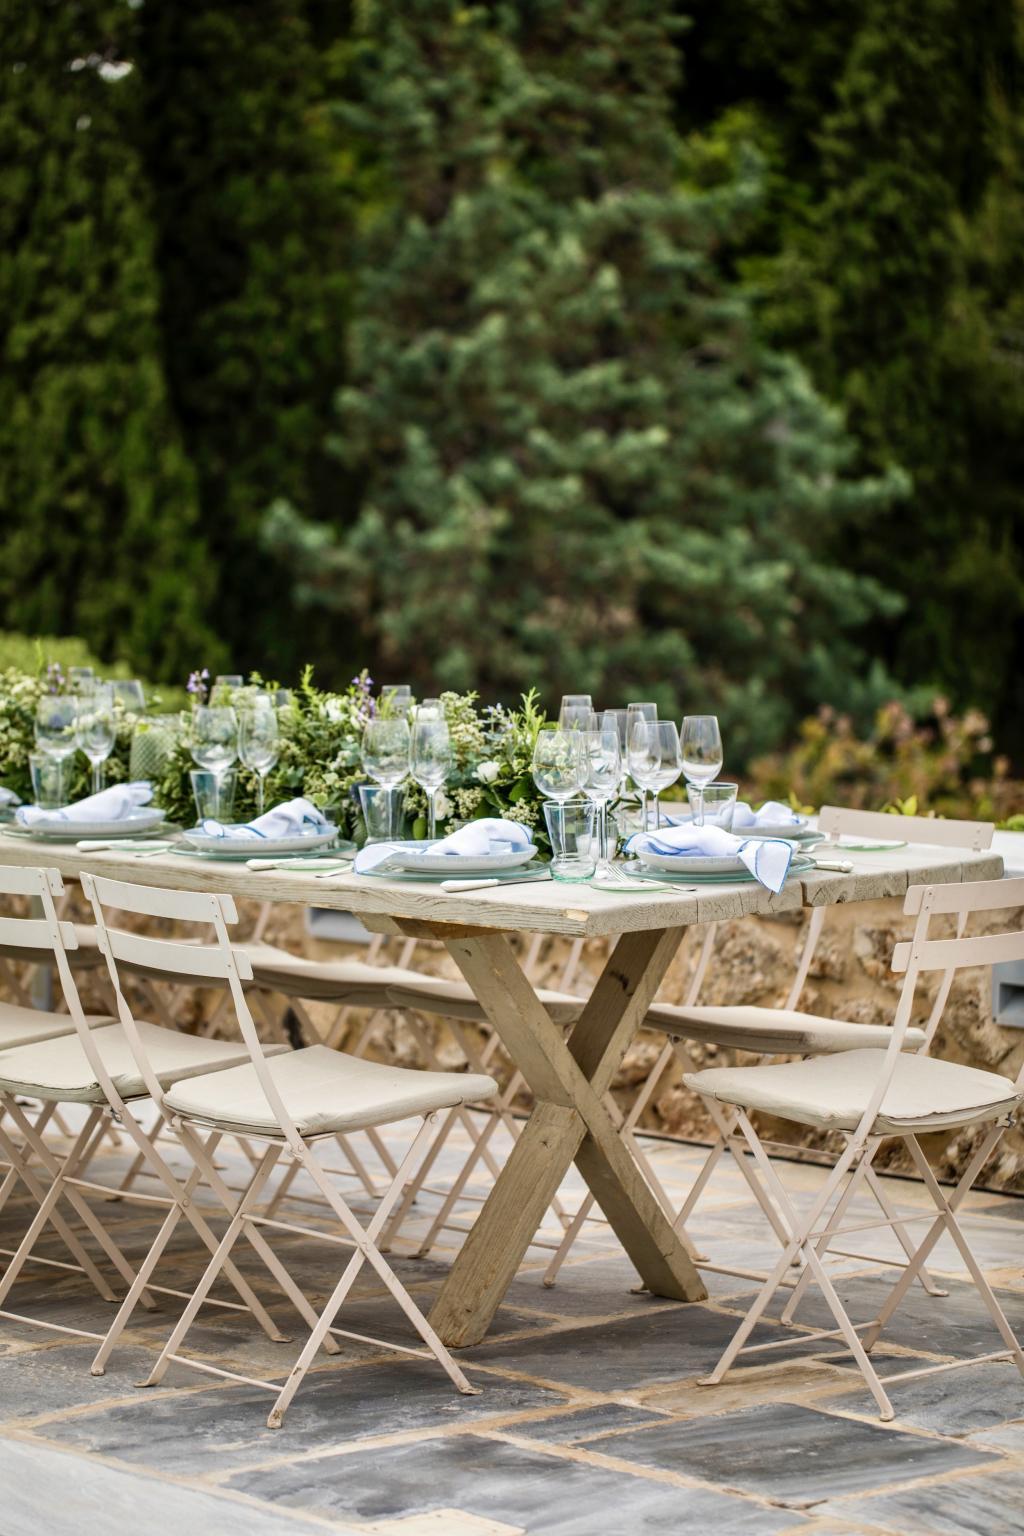 M&AJ Spetses wedding - Image 11